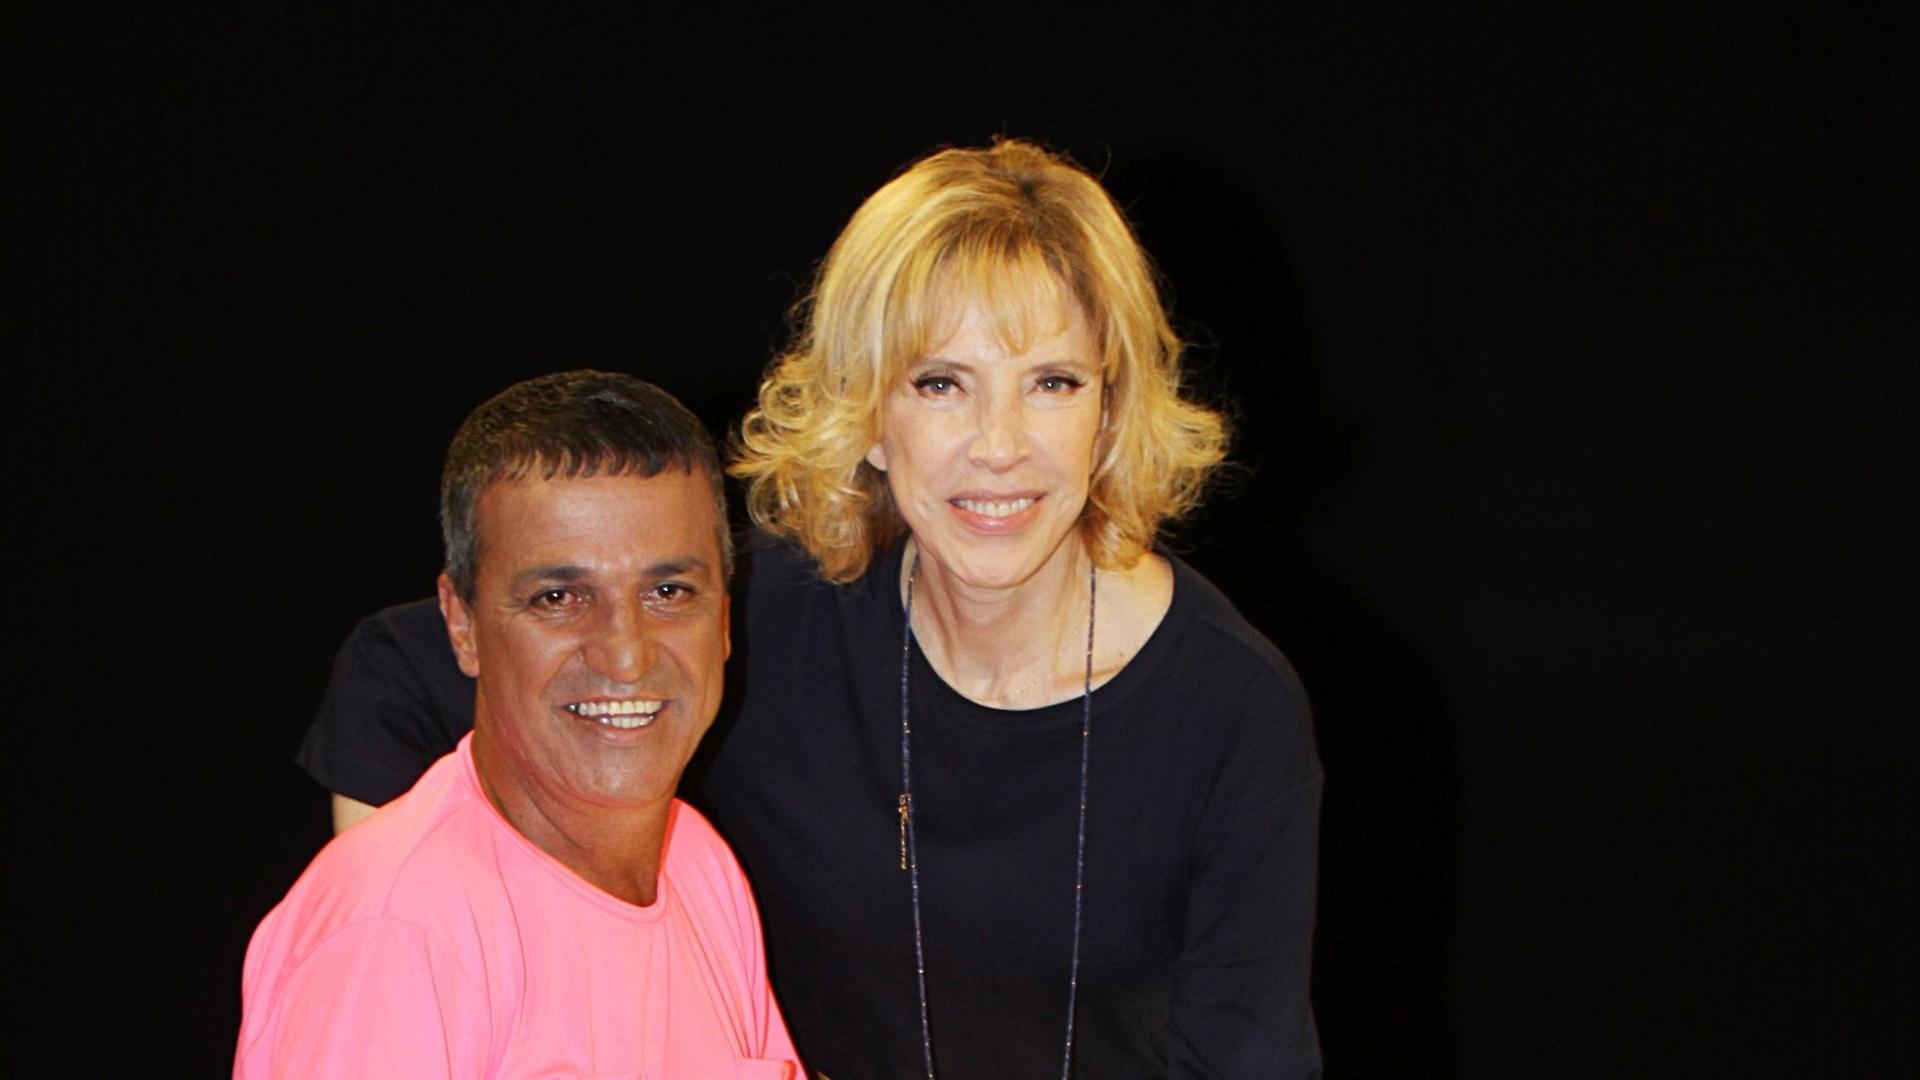 Marília Gabriela entrevista o árbitro Margarida (05/12/2011)